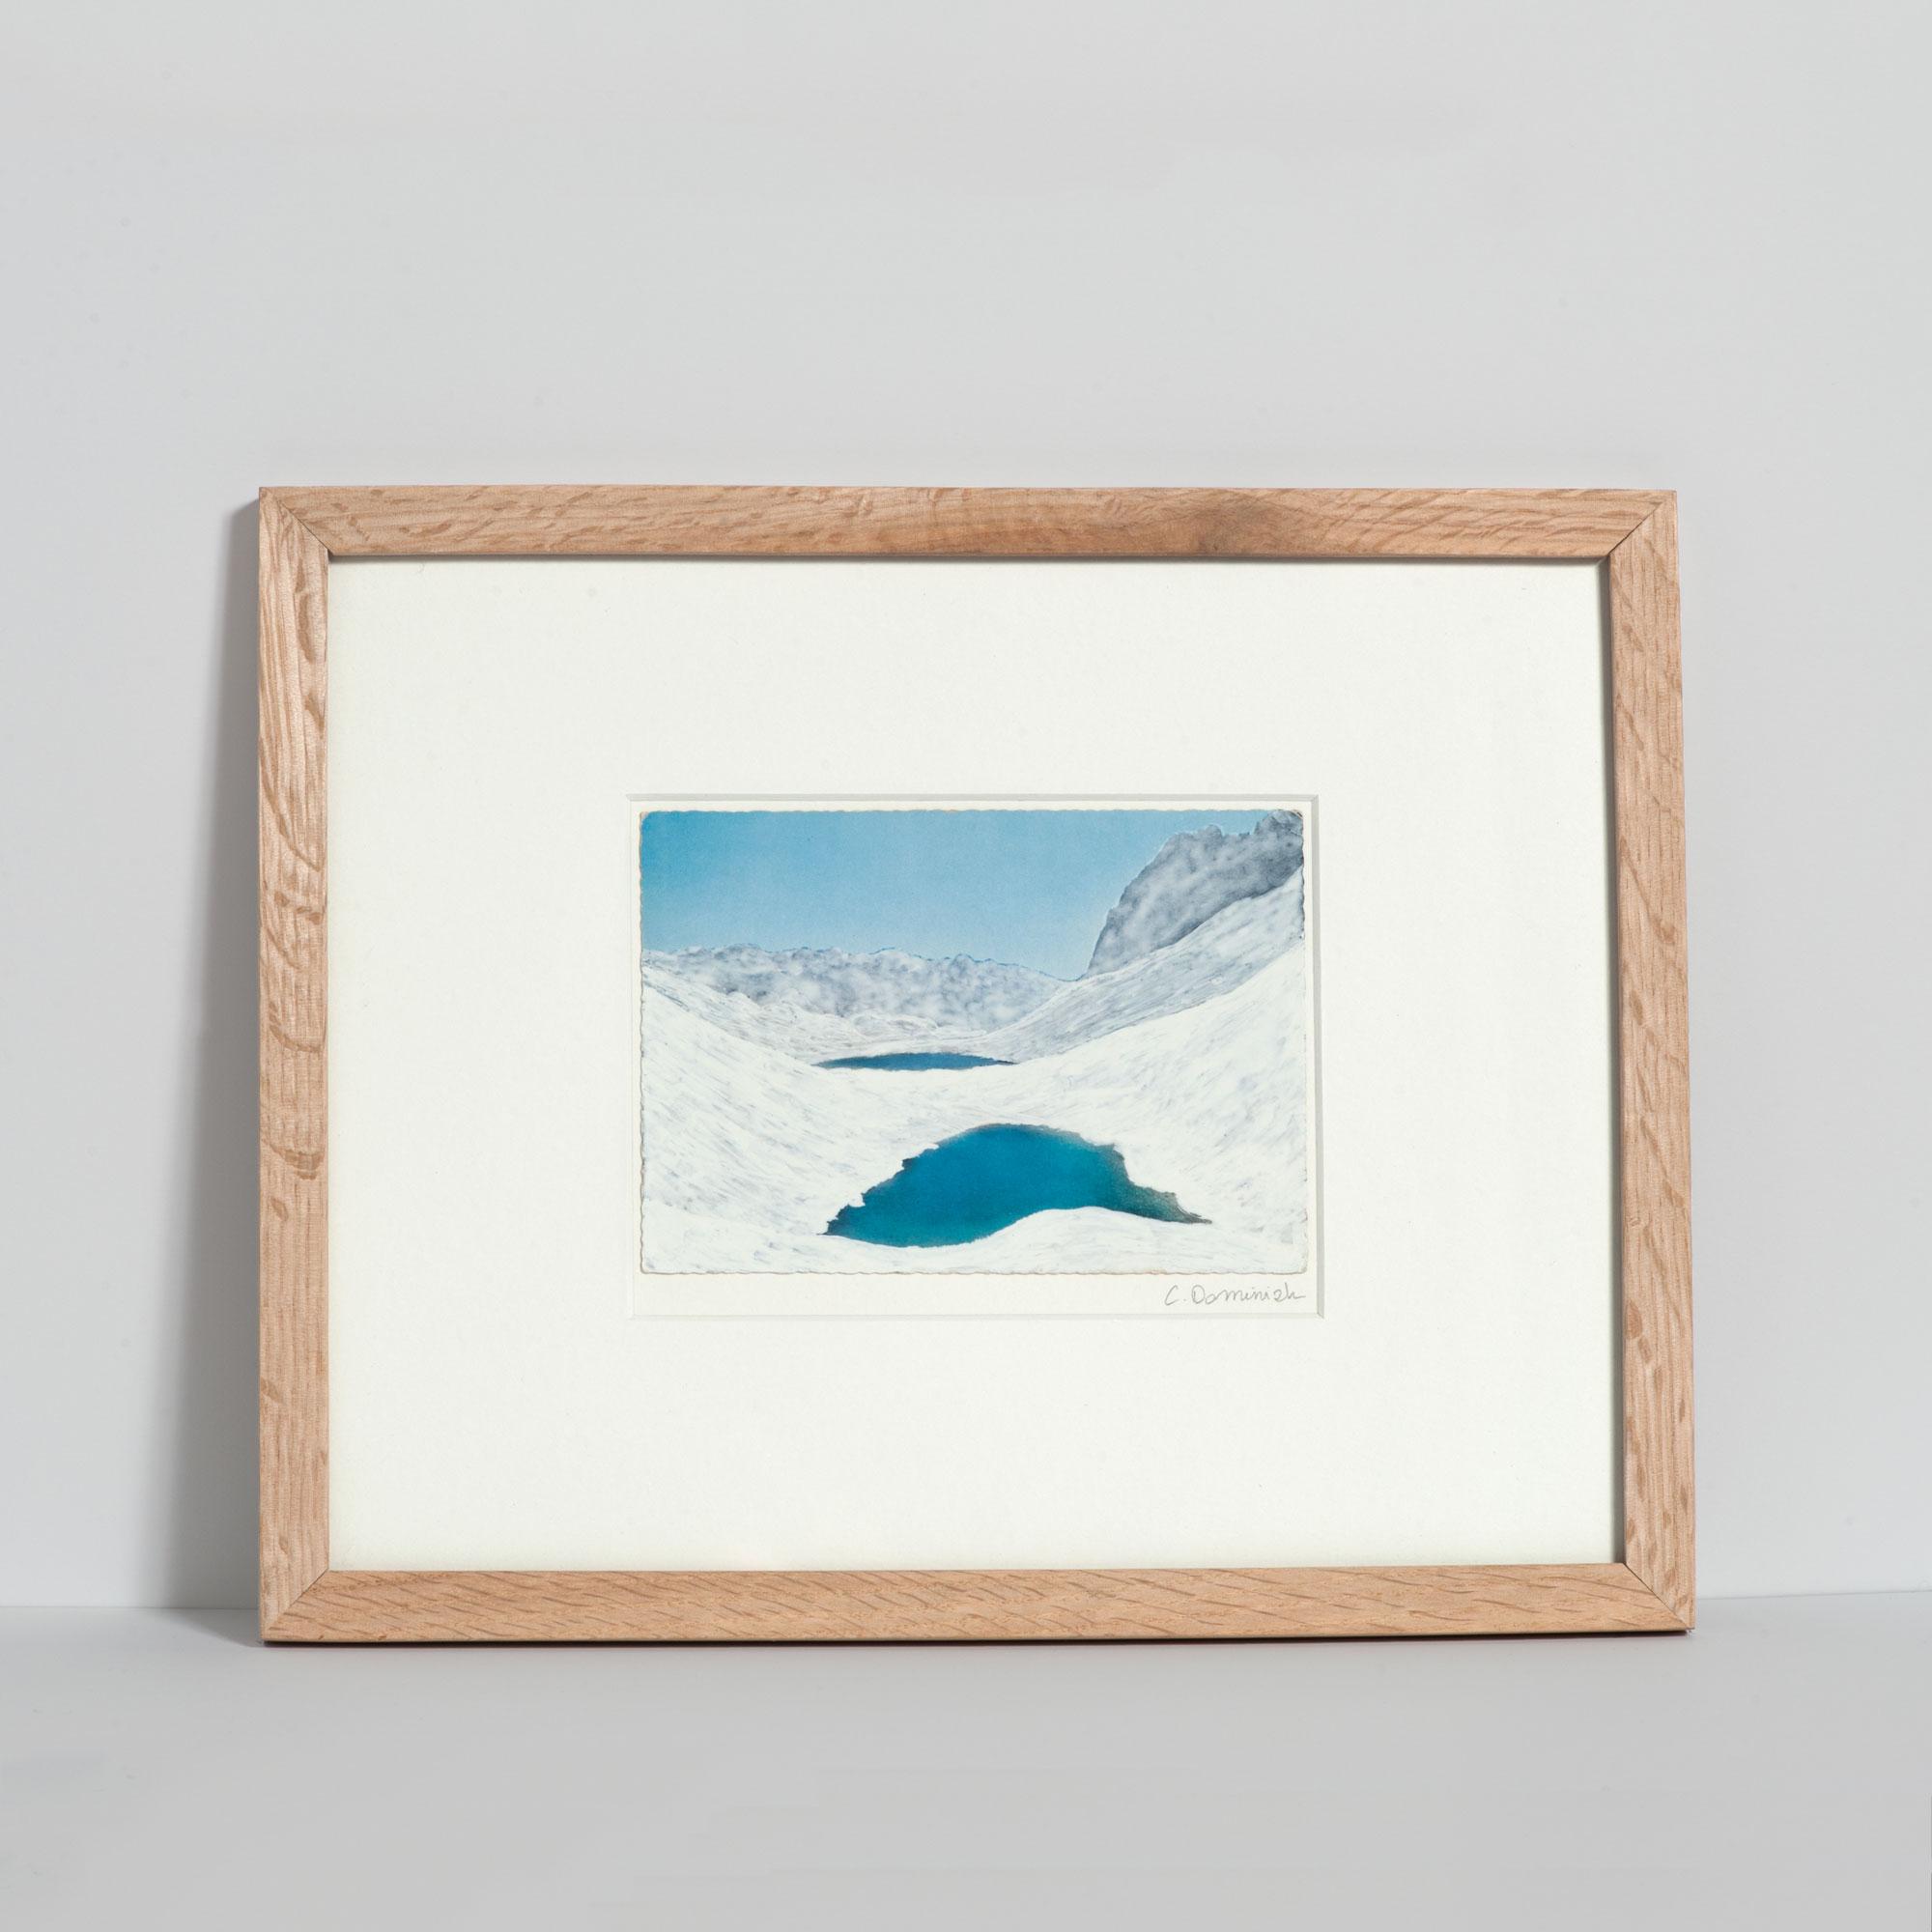 Dessin sur carte postale Calmes blancs 3 de Céline Dominiak